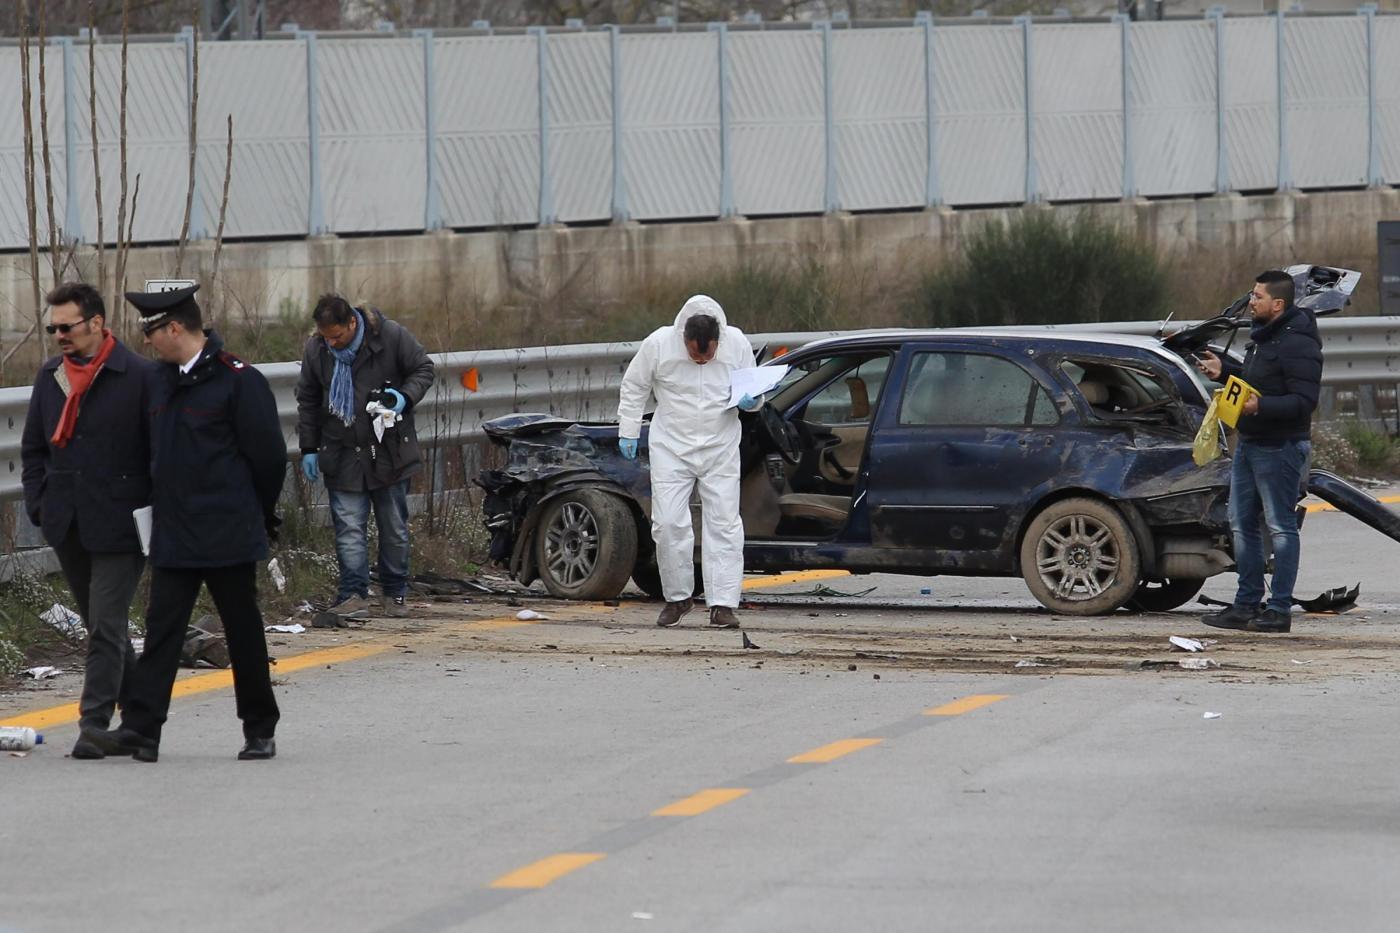 Tentata rapina in provincia di Napoli: un morto e 9 feriti, fermati 2 carabinieri